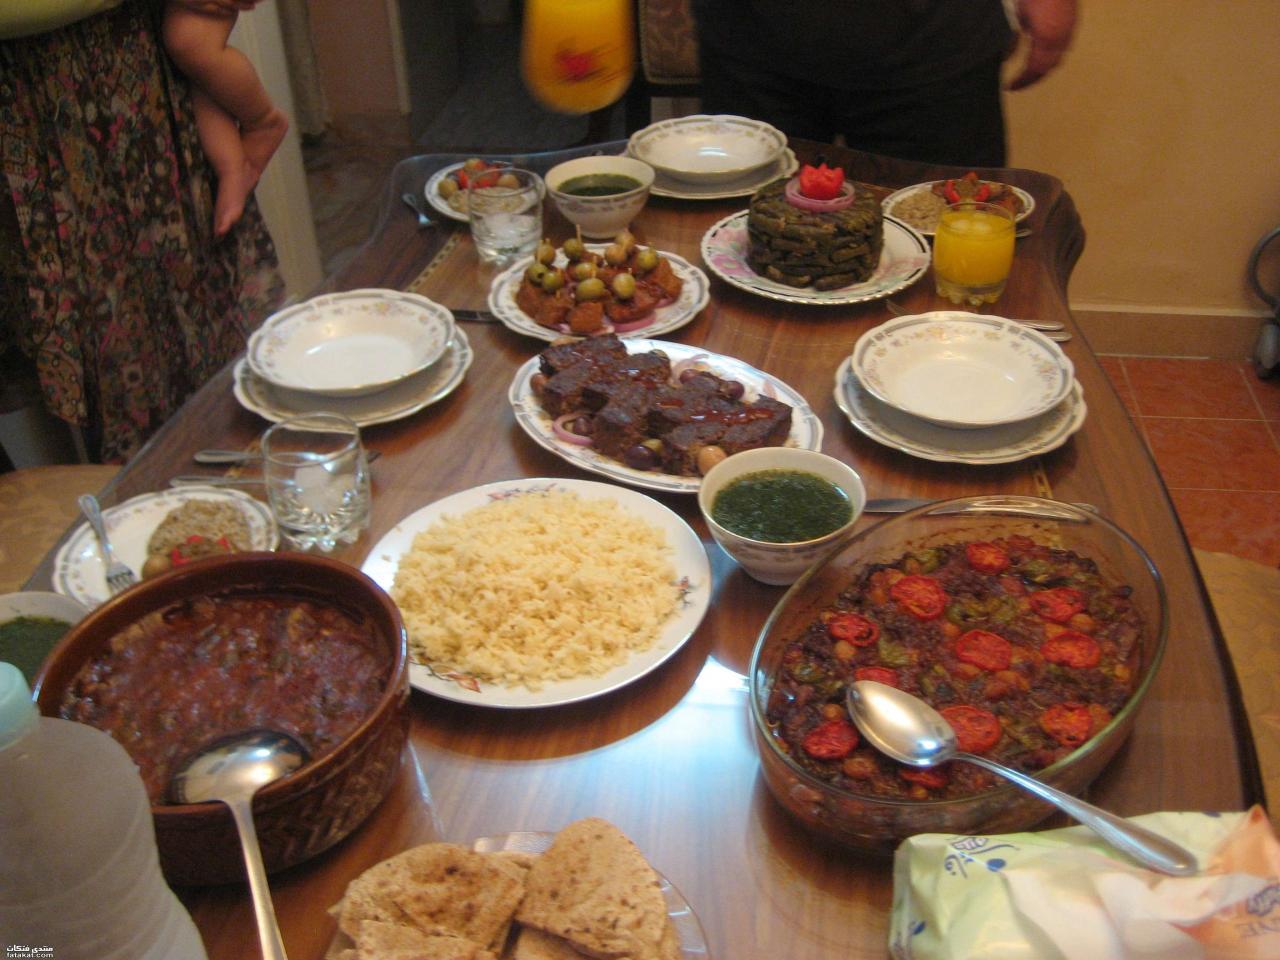 صورة عزومة عشاء في السريع وبالصور 1369 7